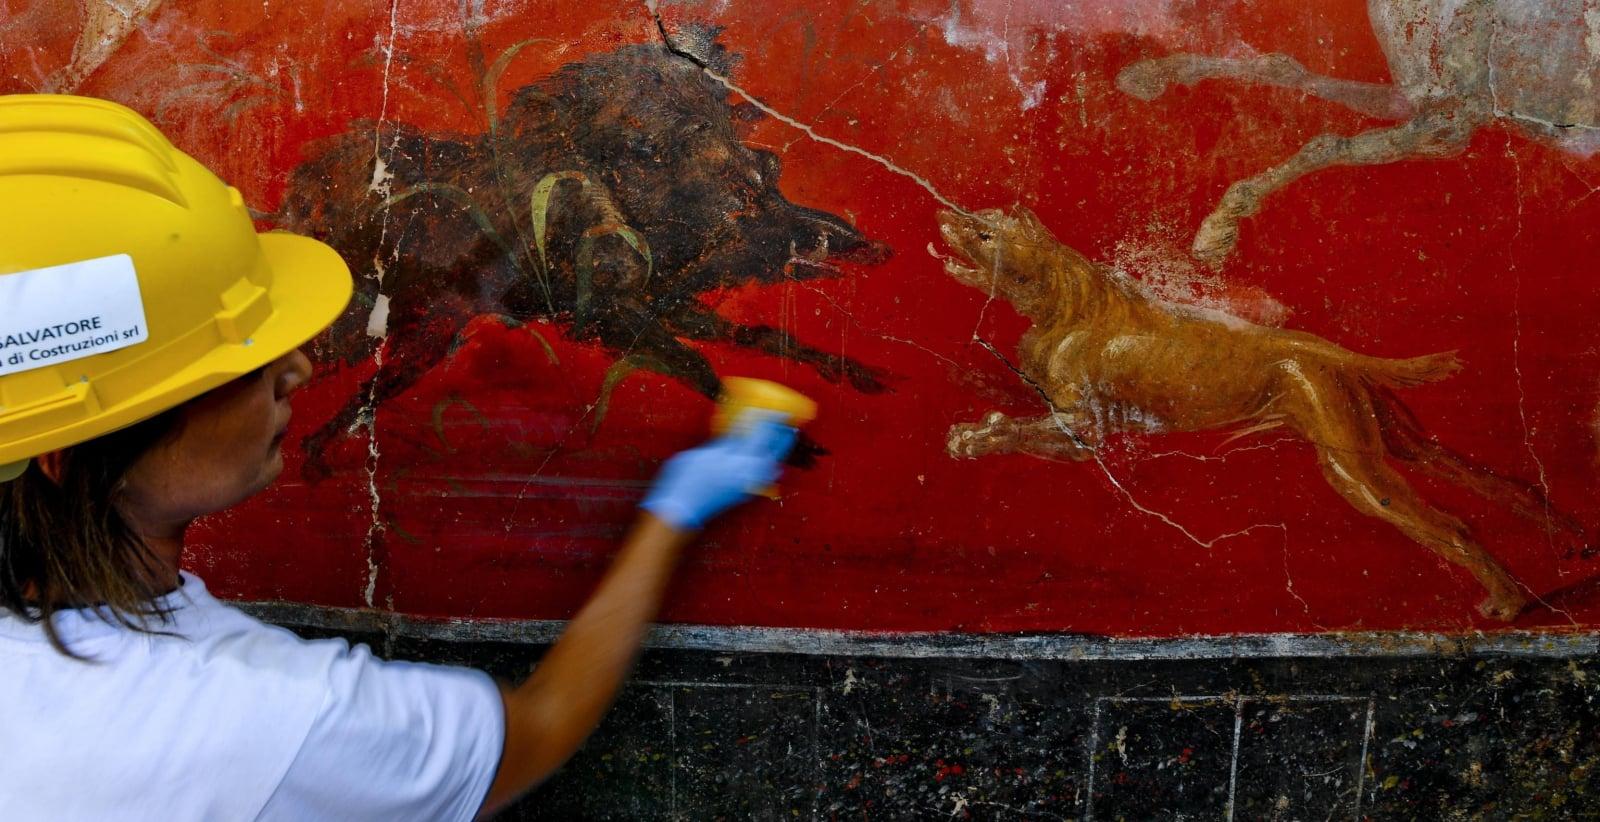 Prace archeologiczne w Pompejach EPA/CIRO FUSCO